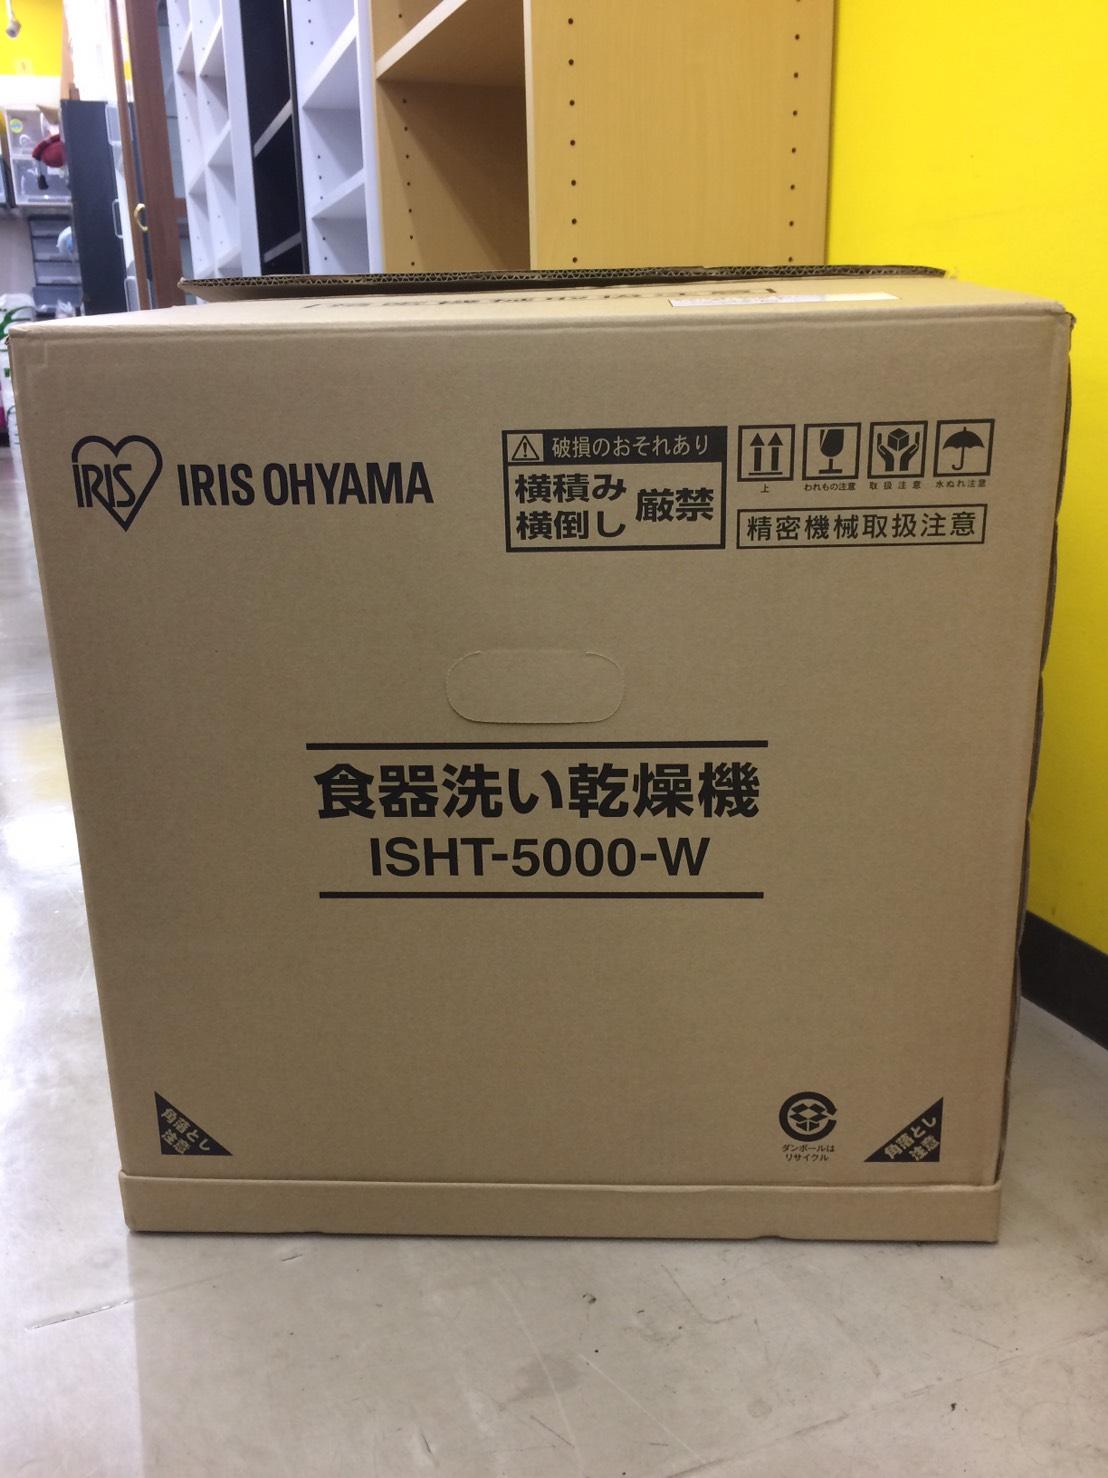 【アイリスオーヤマ 食器洗い乾燥機 ホワイト ISHT-5000-W 未使用 箱入り】を買取いたしました。の買取-